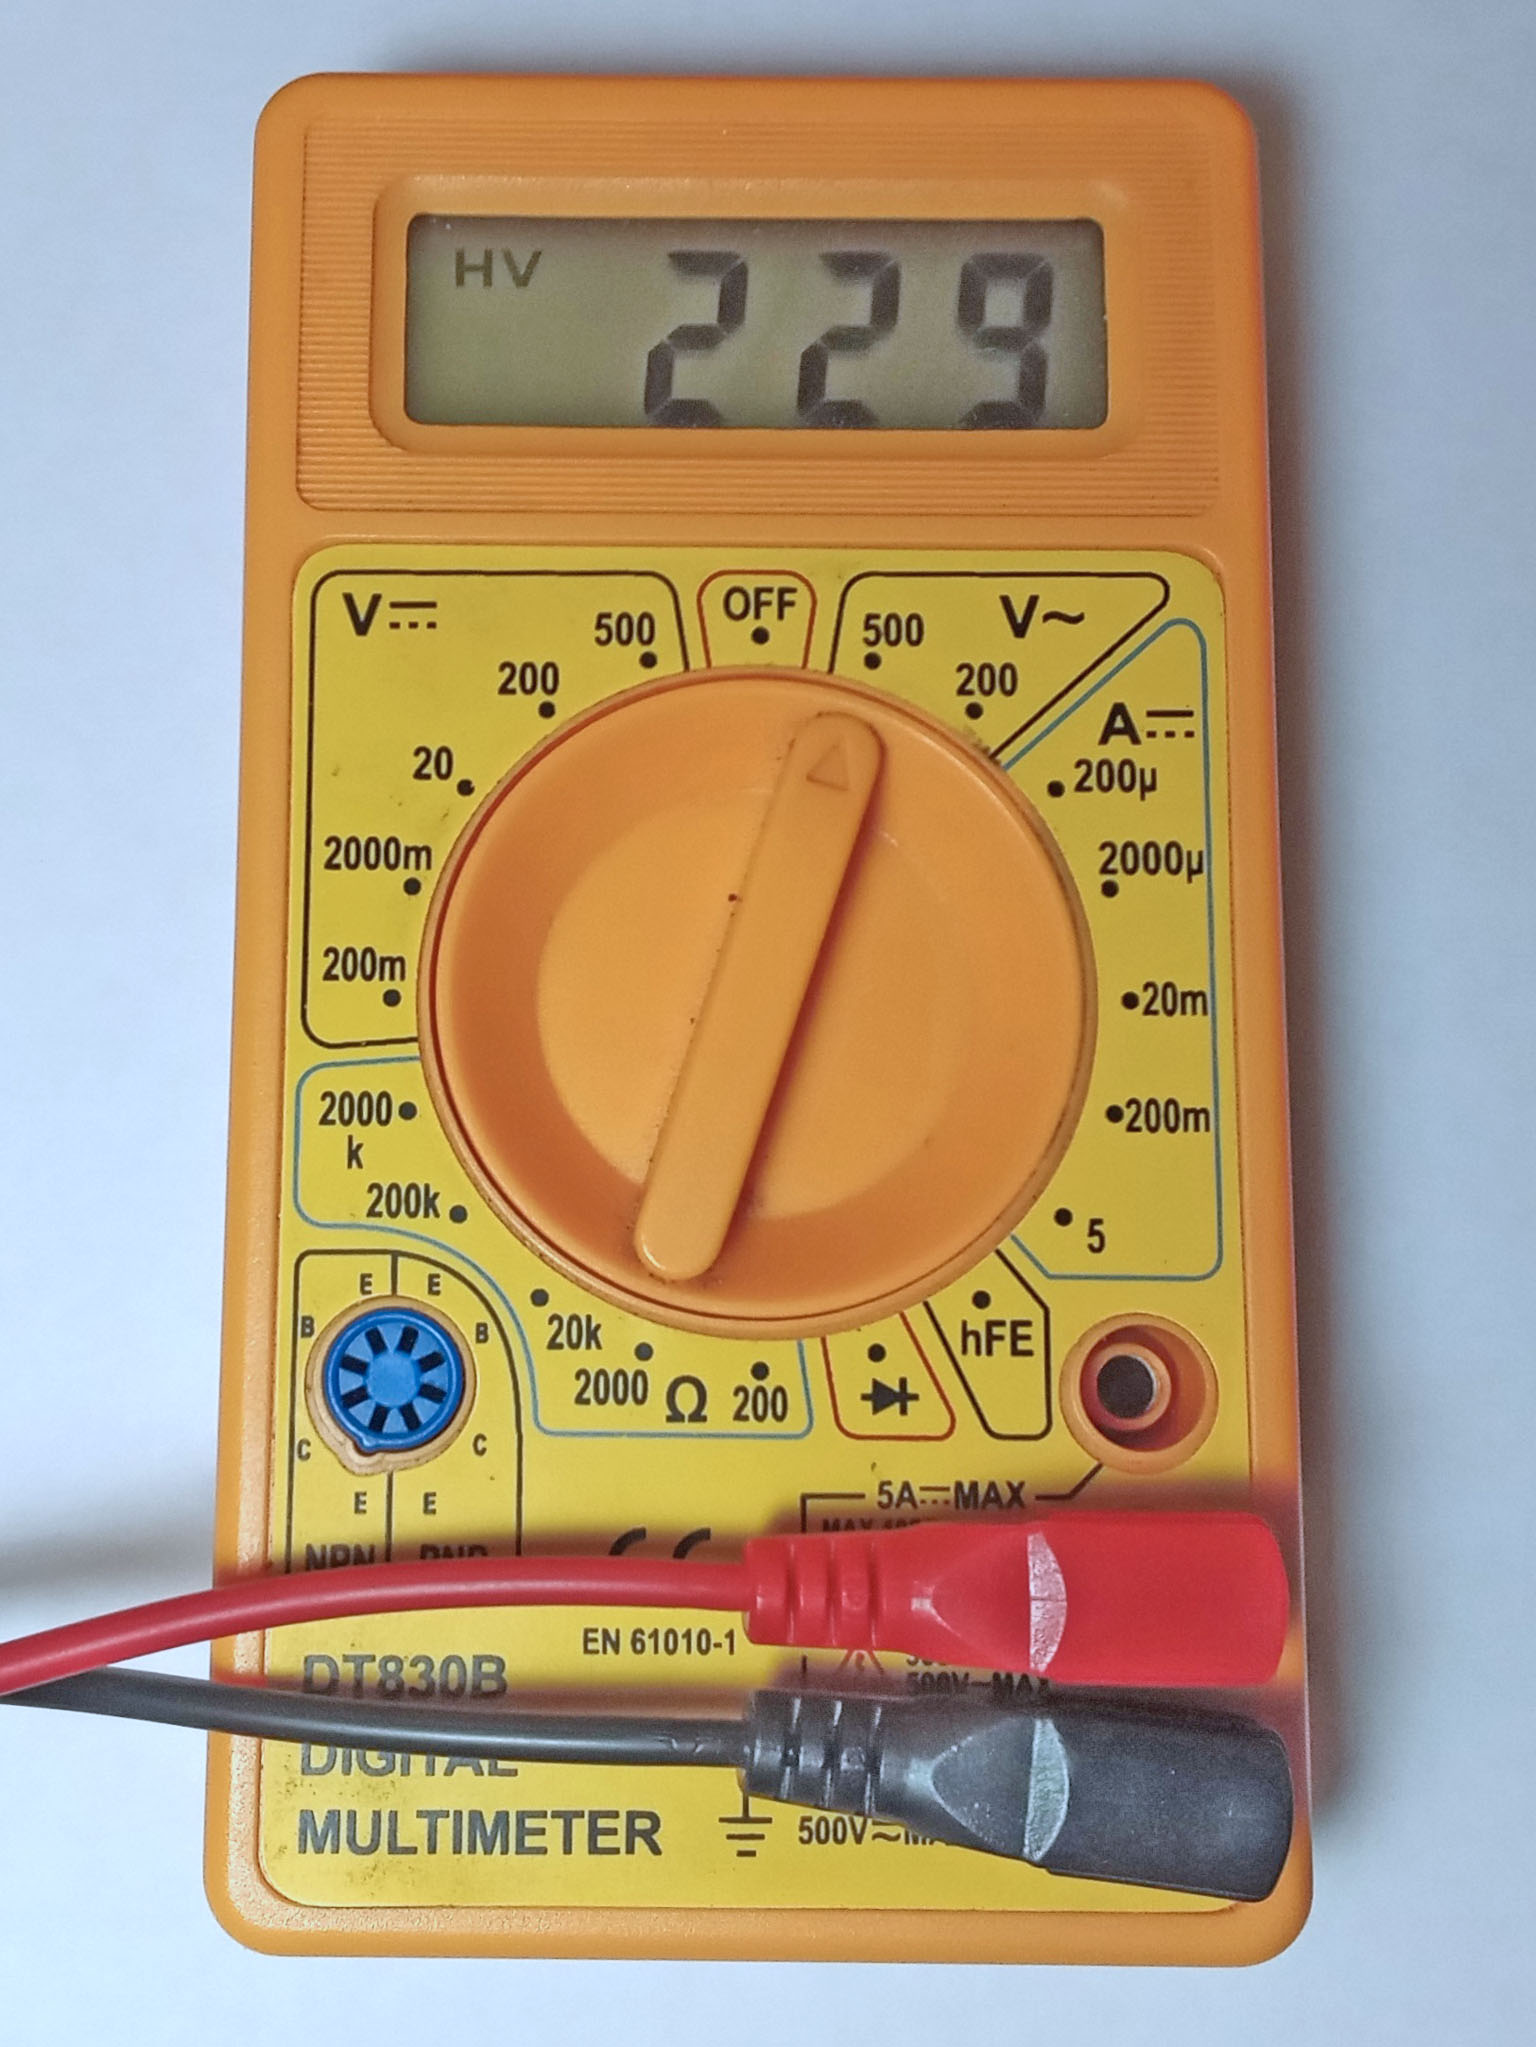 DT830B работает от трех батареек LR2032